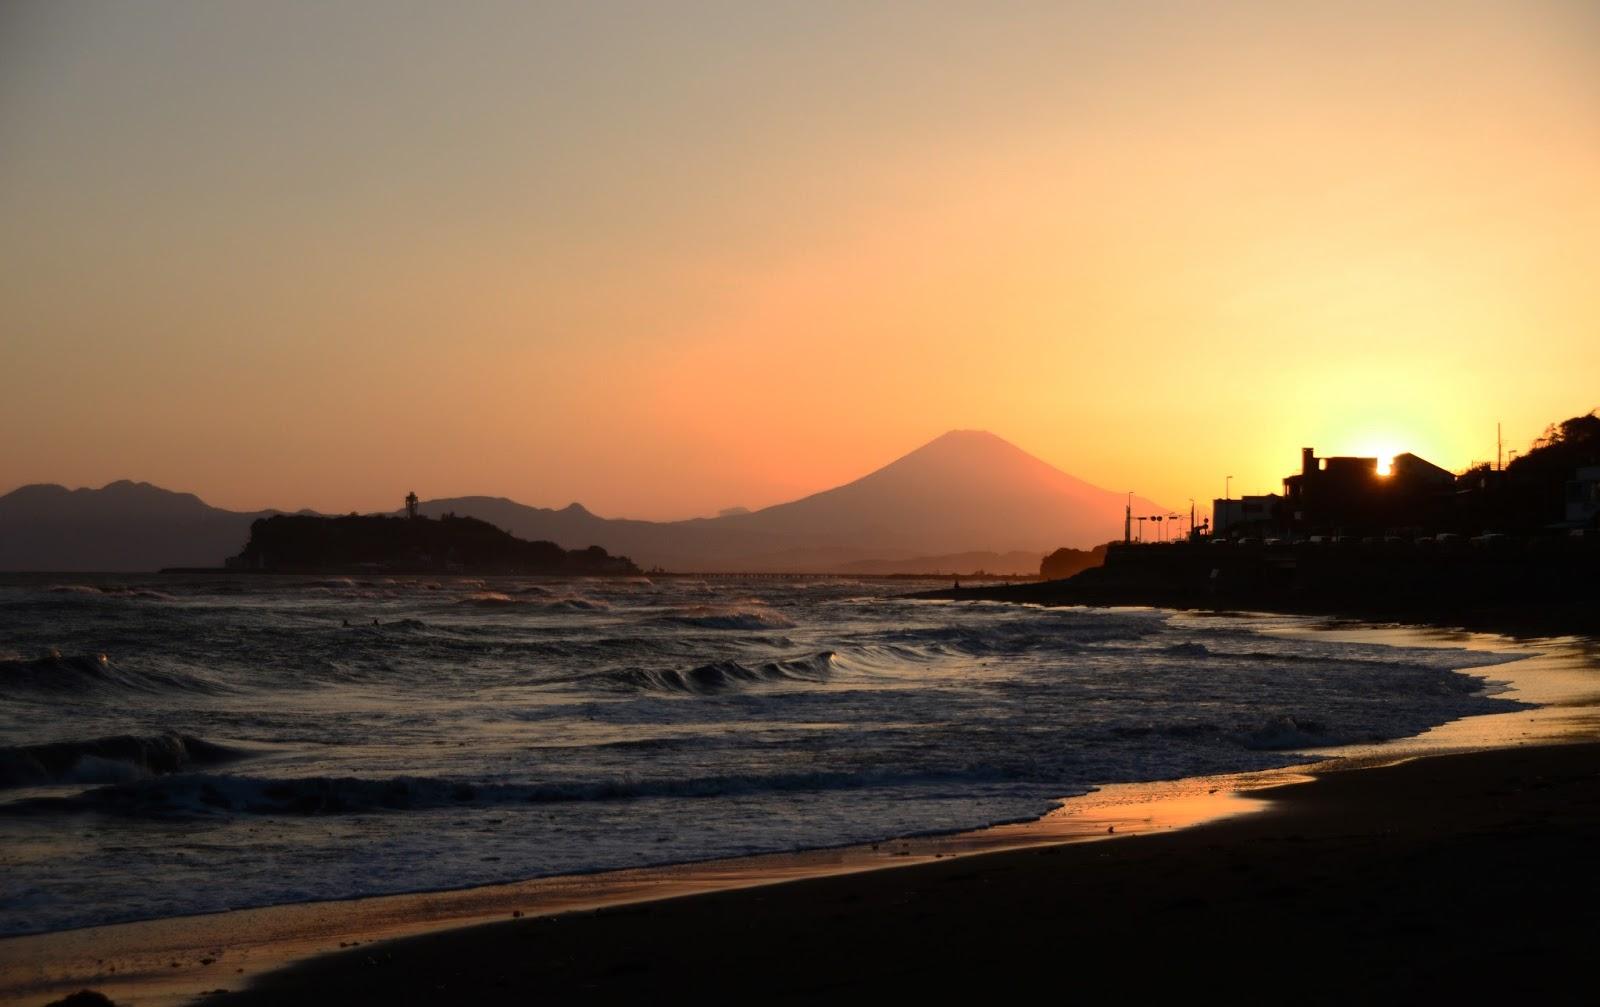 江之島 日落的圖片搜尋結果